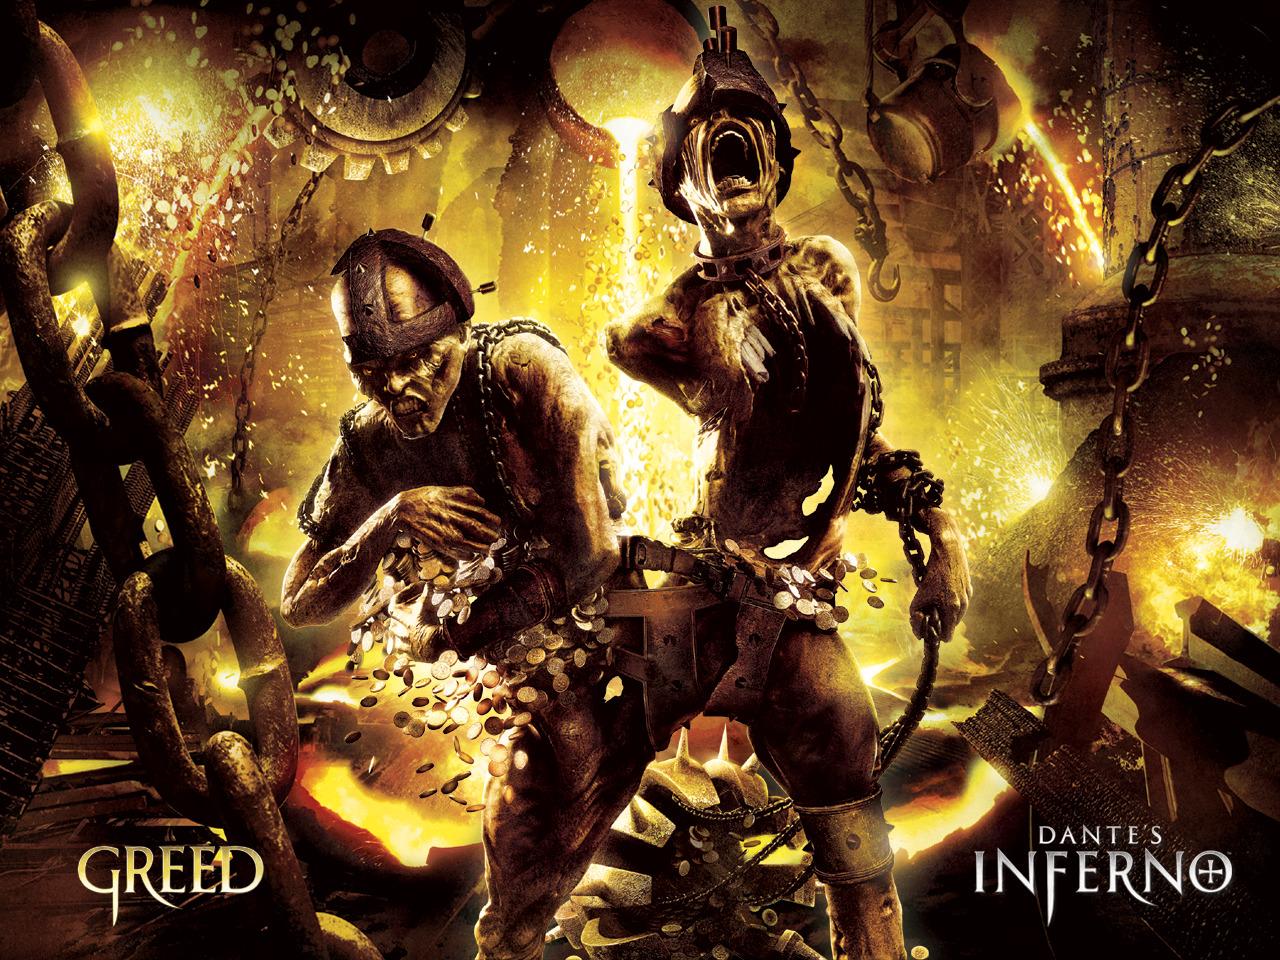 Dantes Inferno fondos de pantalla Dantes Inferno fotos gratis 1280x960